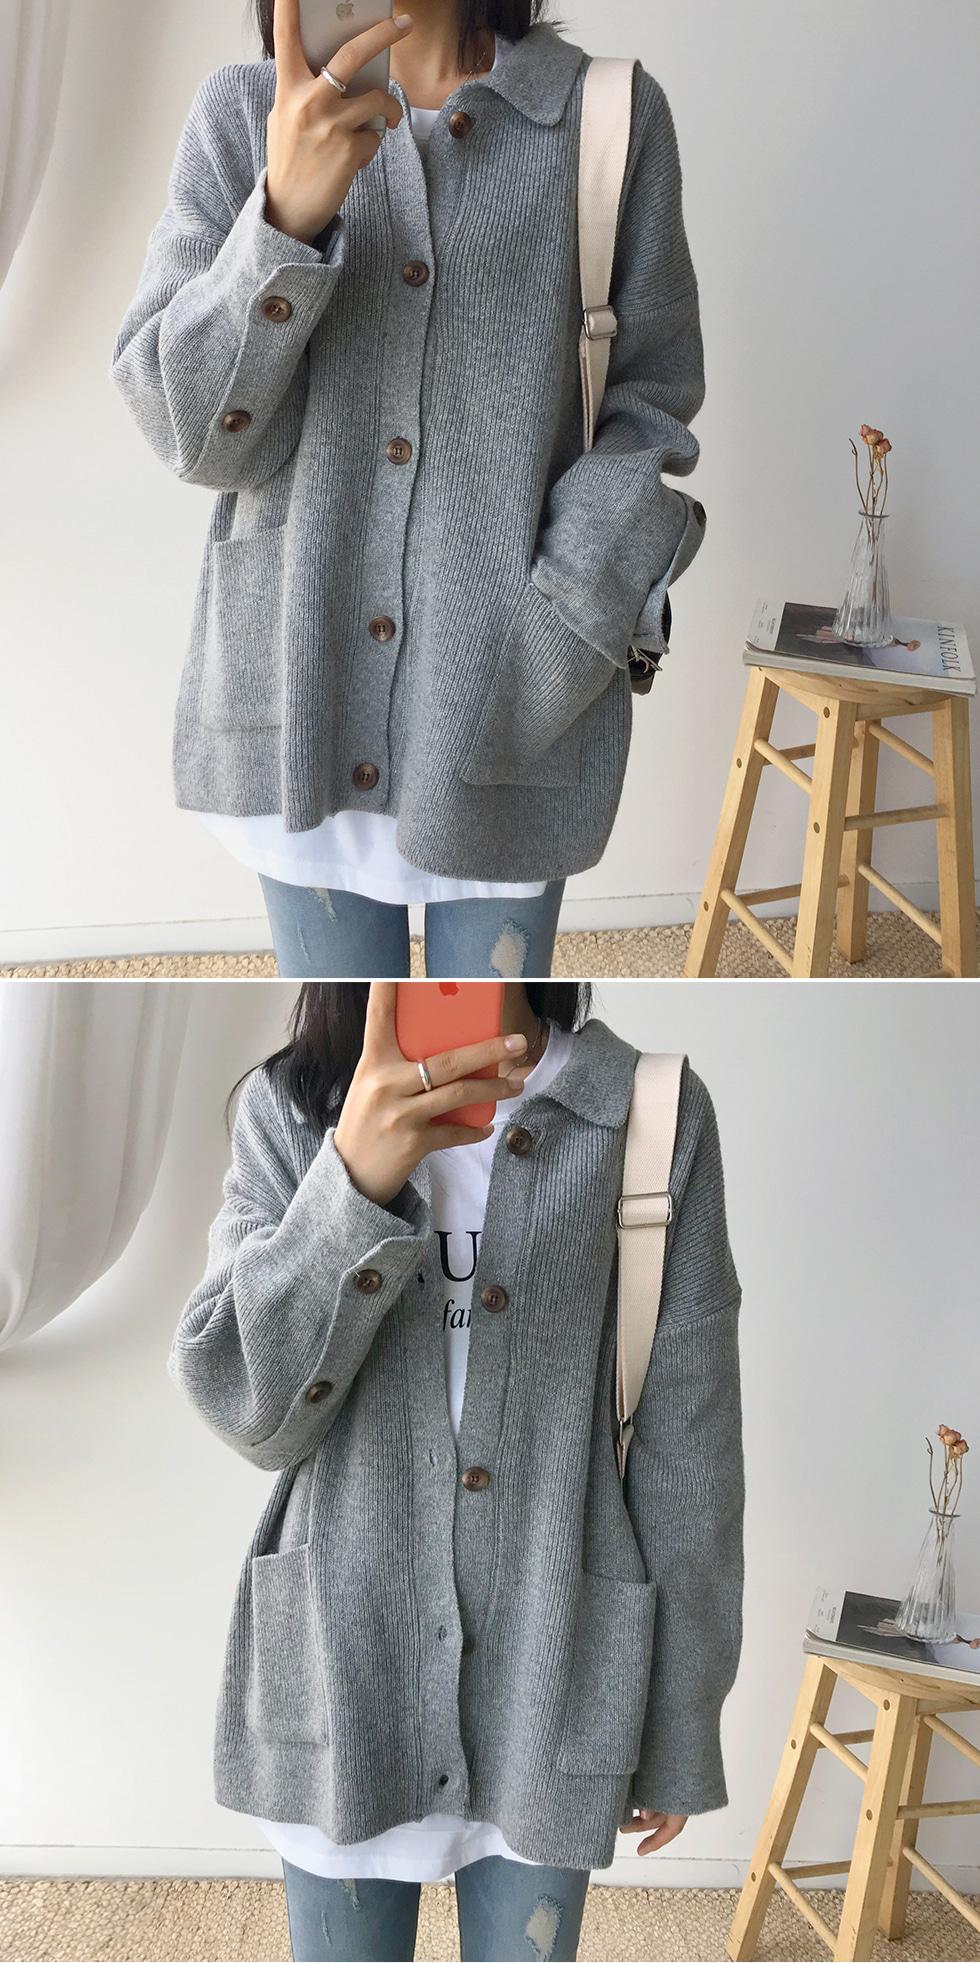 Woolen Root Knit Jacket